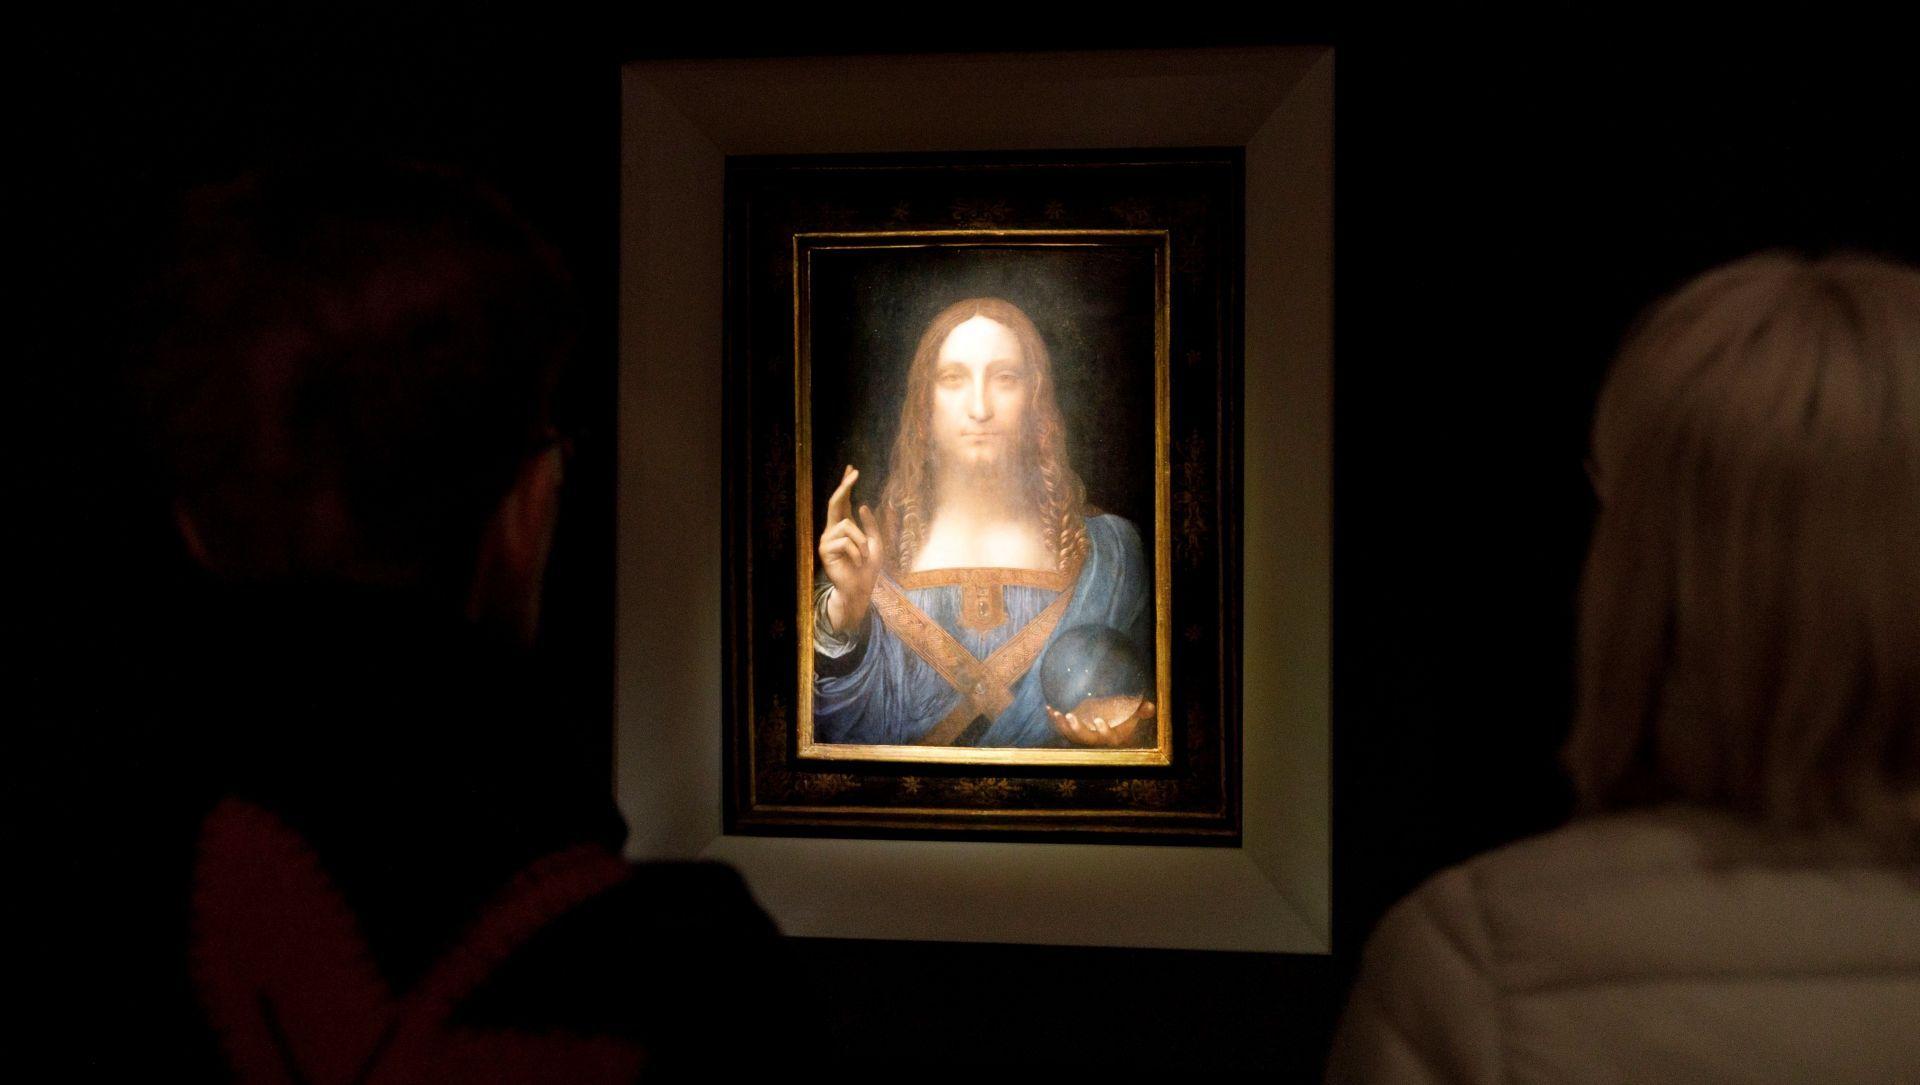 Un Da Vinci se subasta por 450 millones de dólares, un récord mundial